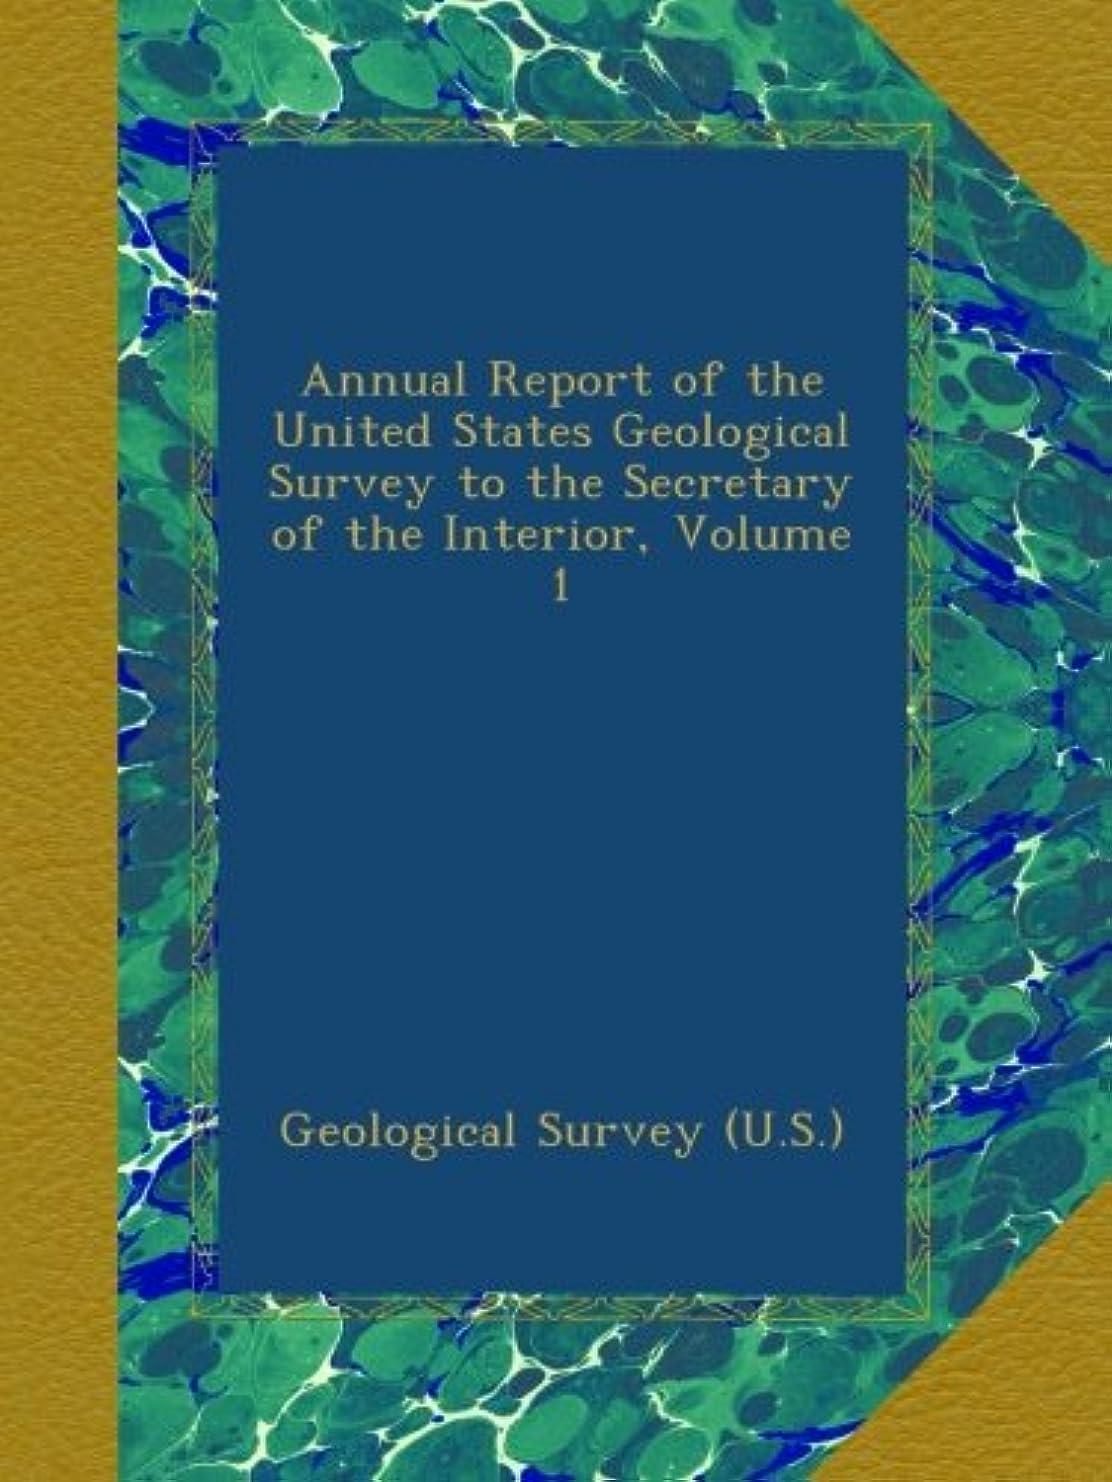 卒業アノイ氏Annual Report of the United States Geological Survey to the Secretary of the Interior, Volume 1